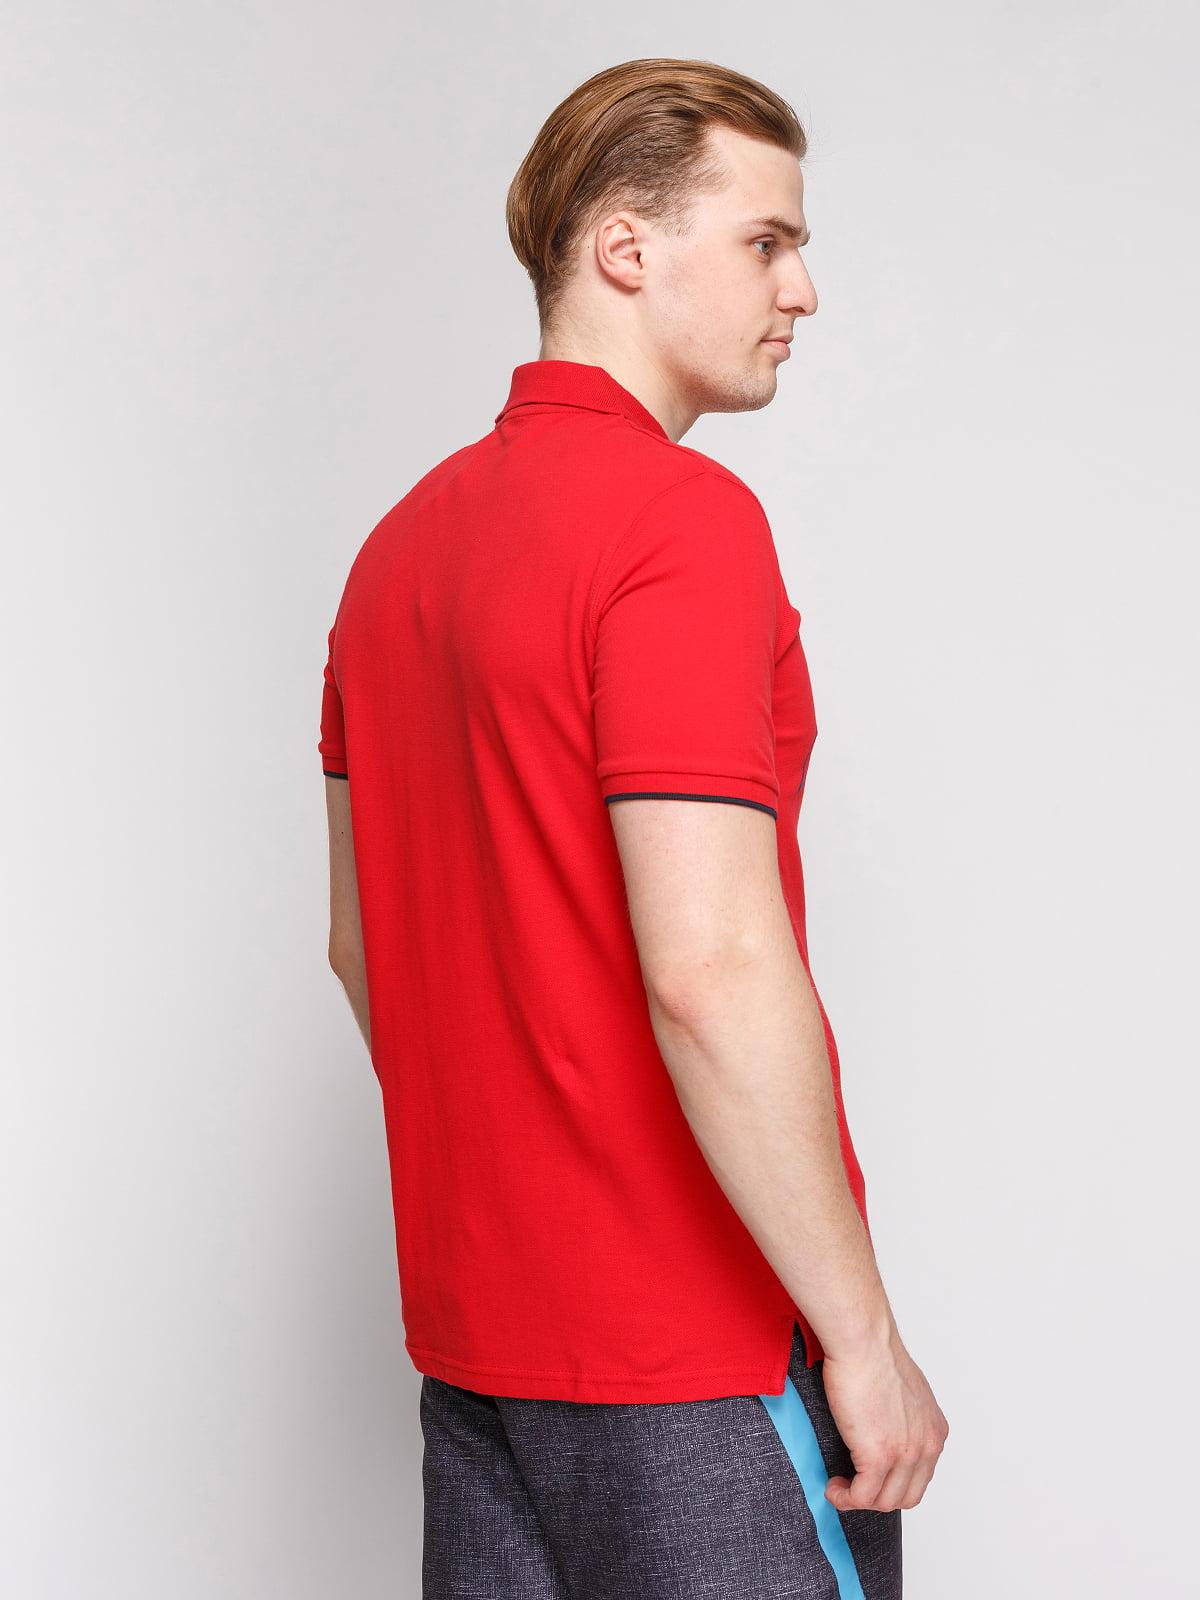 Футболка-поло червона з принтом | 4854984 | фото 2